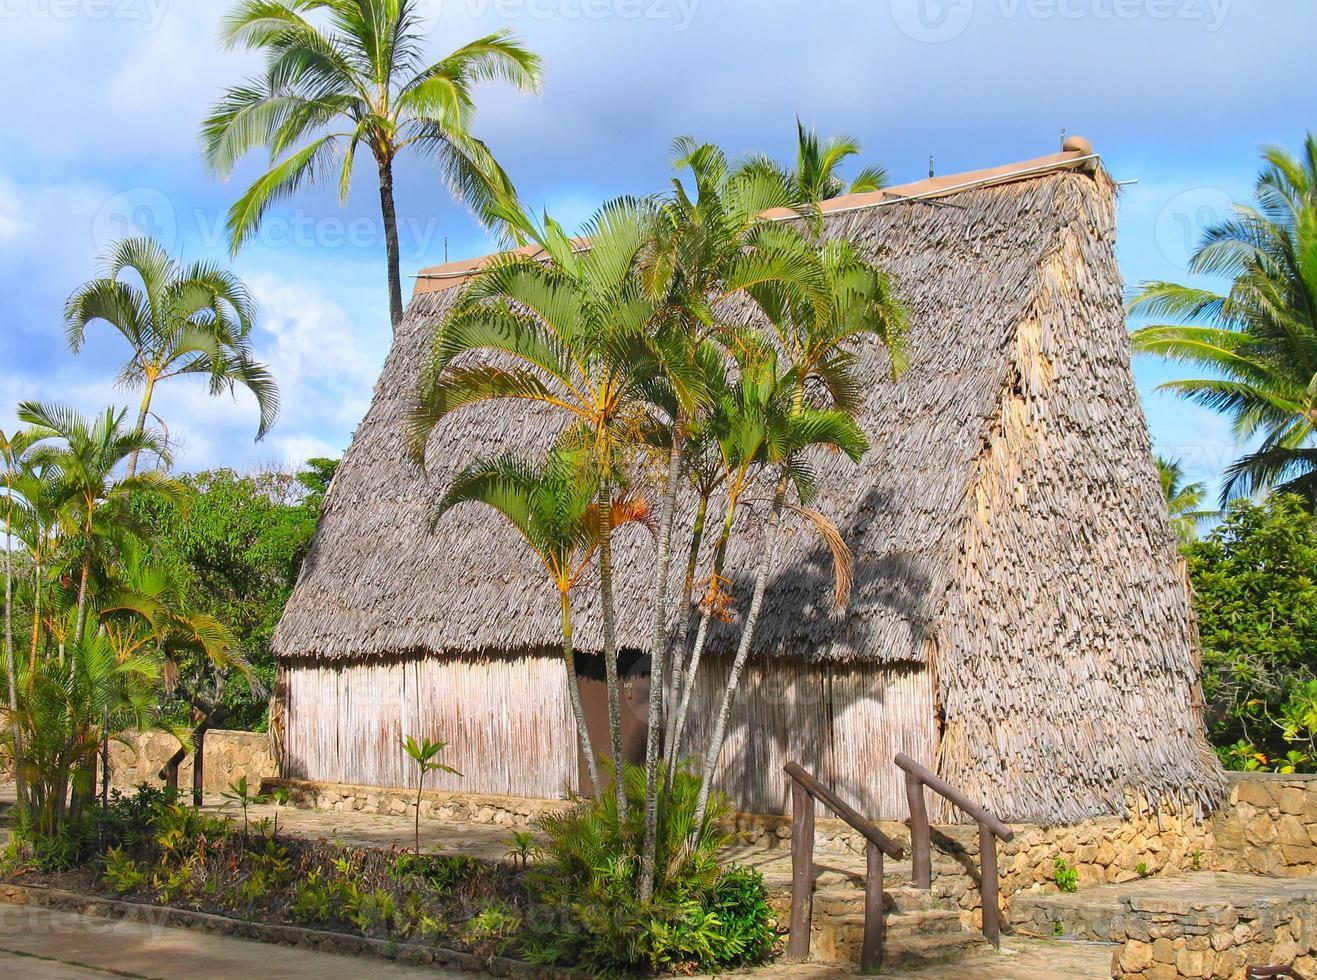 capanna dell'isola del sud pacifico foto